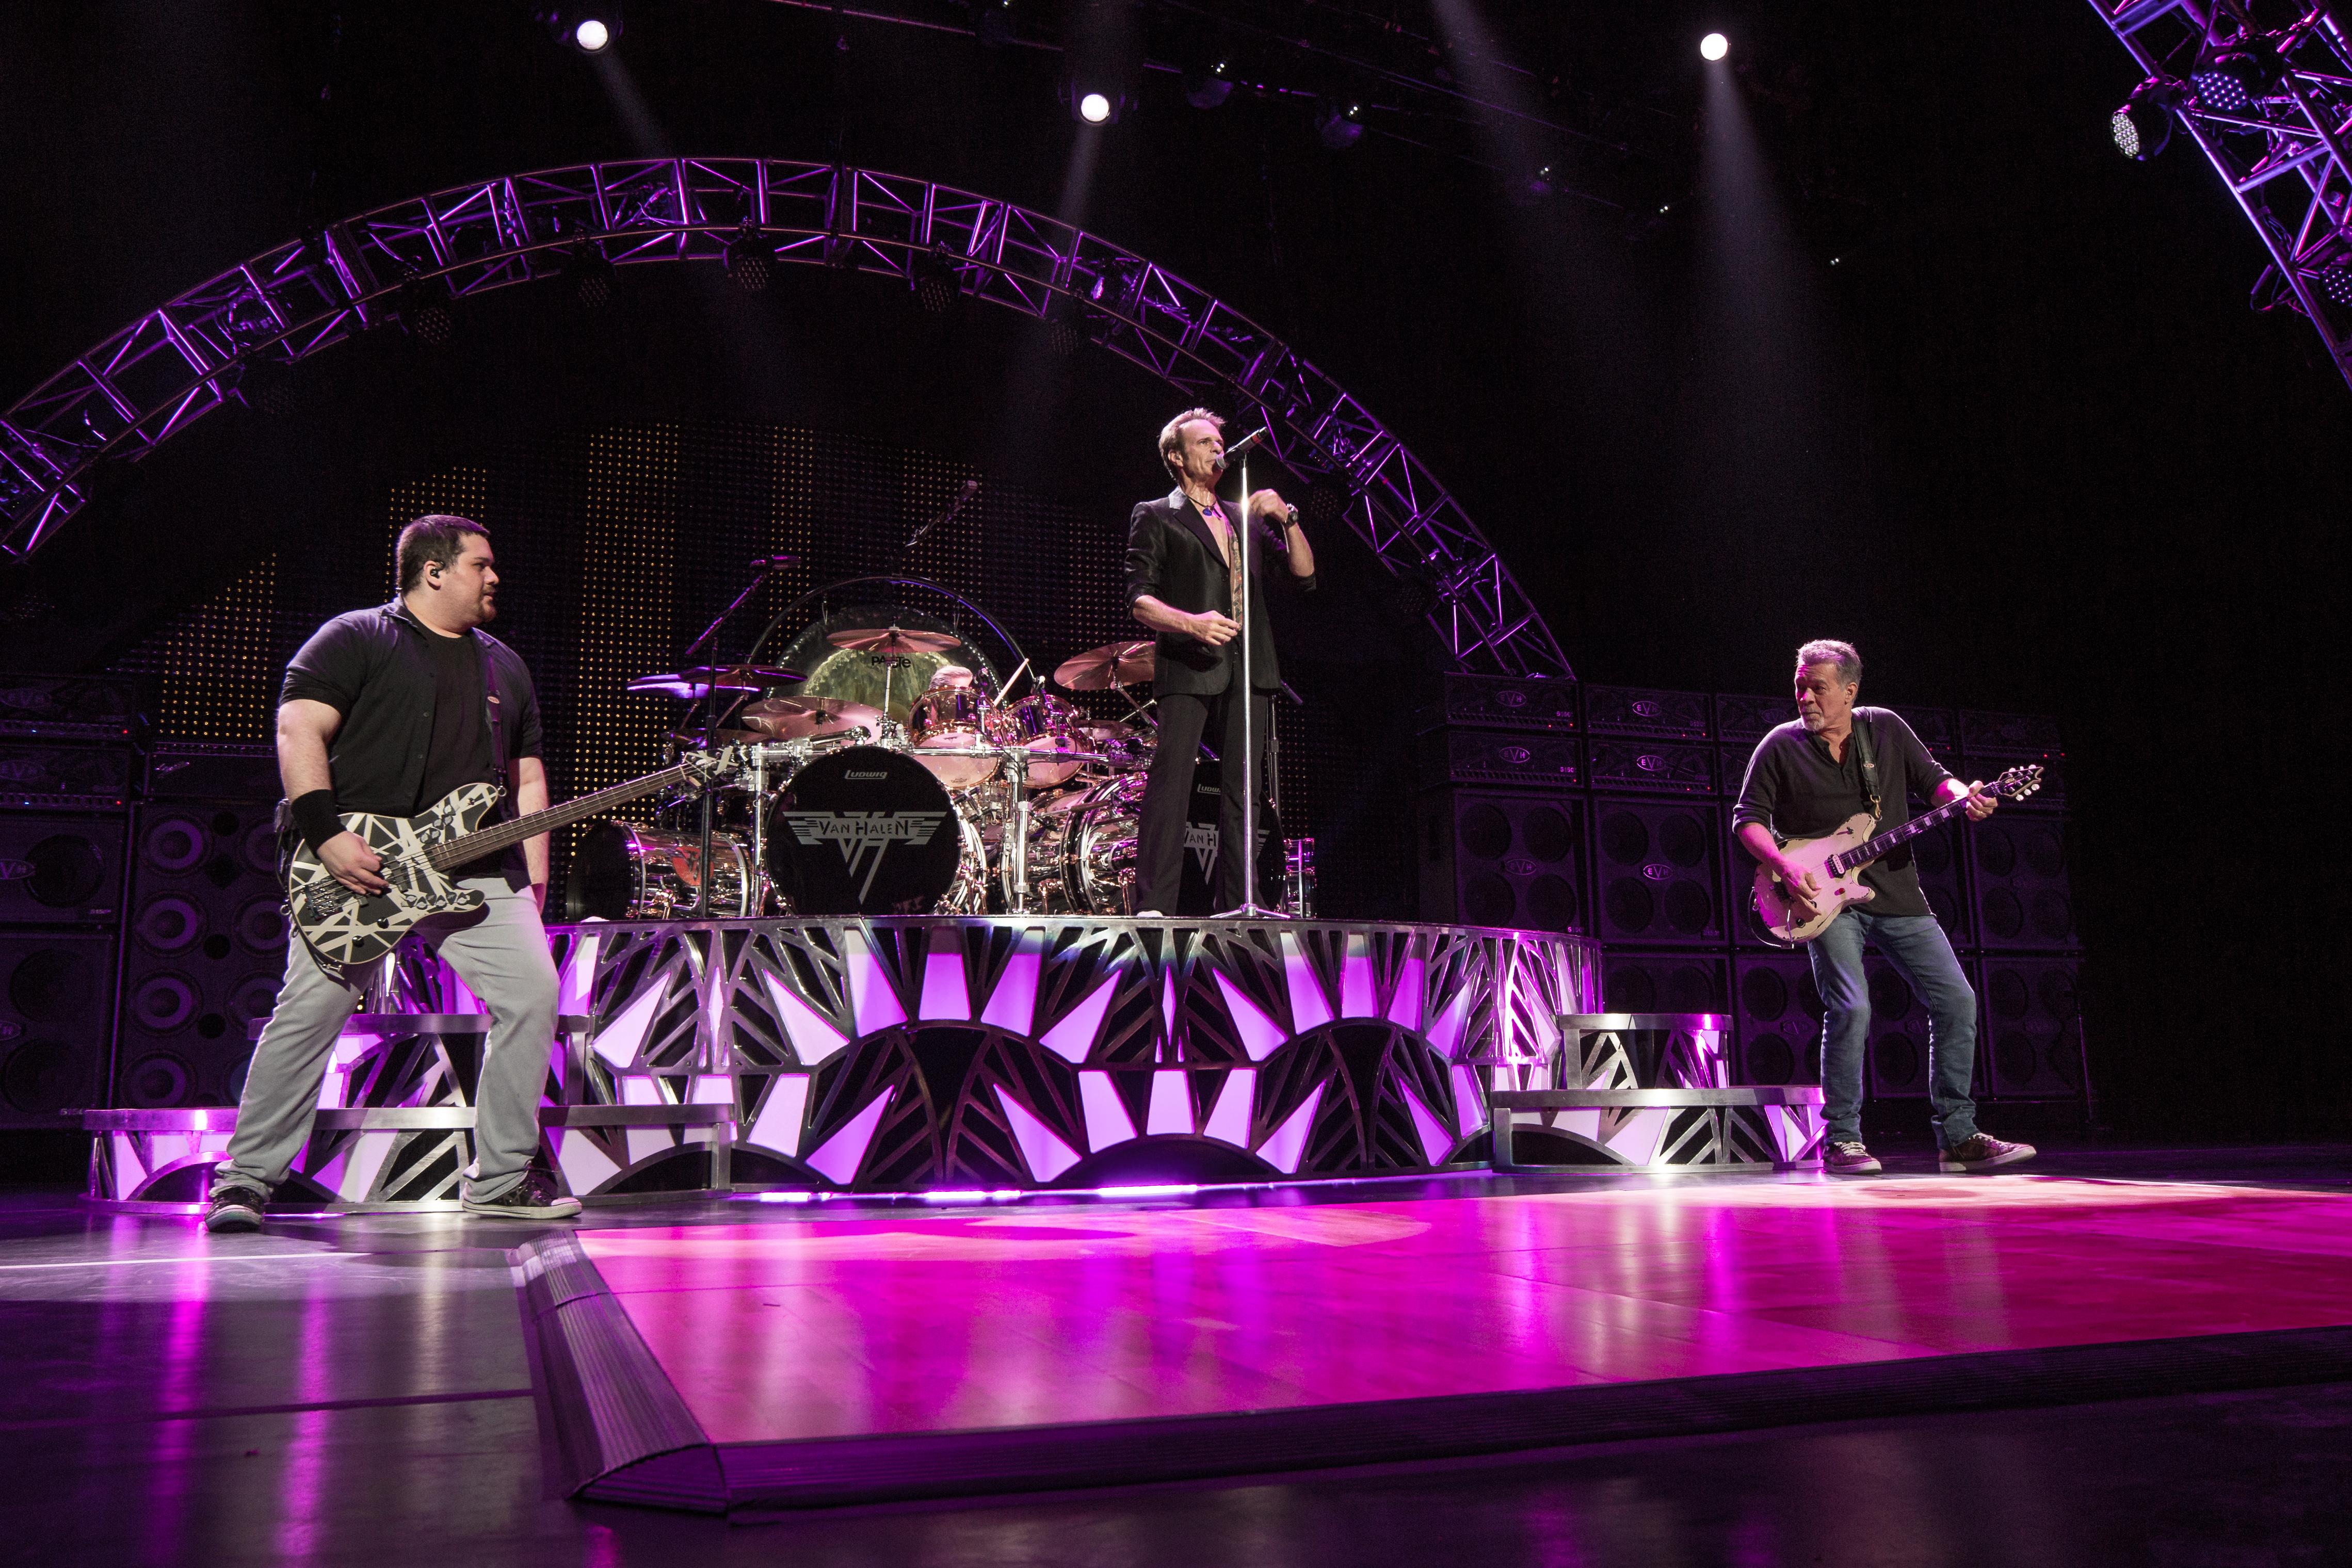 Van Halen performing in 2015. From left to right: [[Wolfgang Van Halen]], [[Alex Van Halen]], [[David Lee Roth]], and [[Eddie Van Halen]].